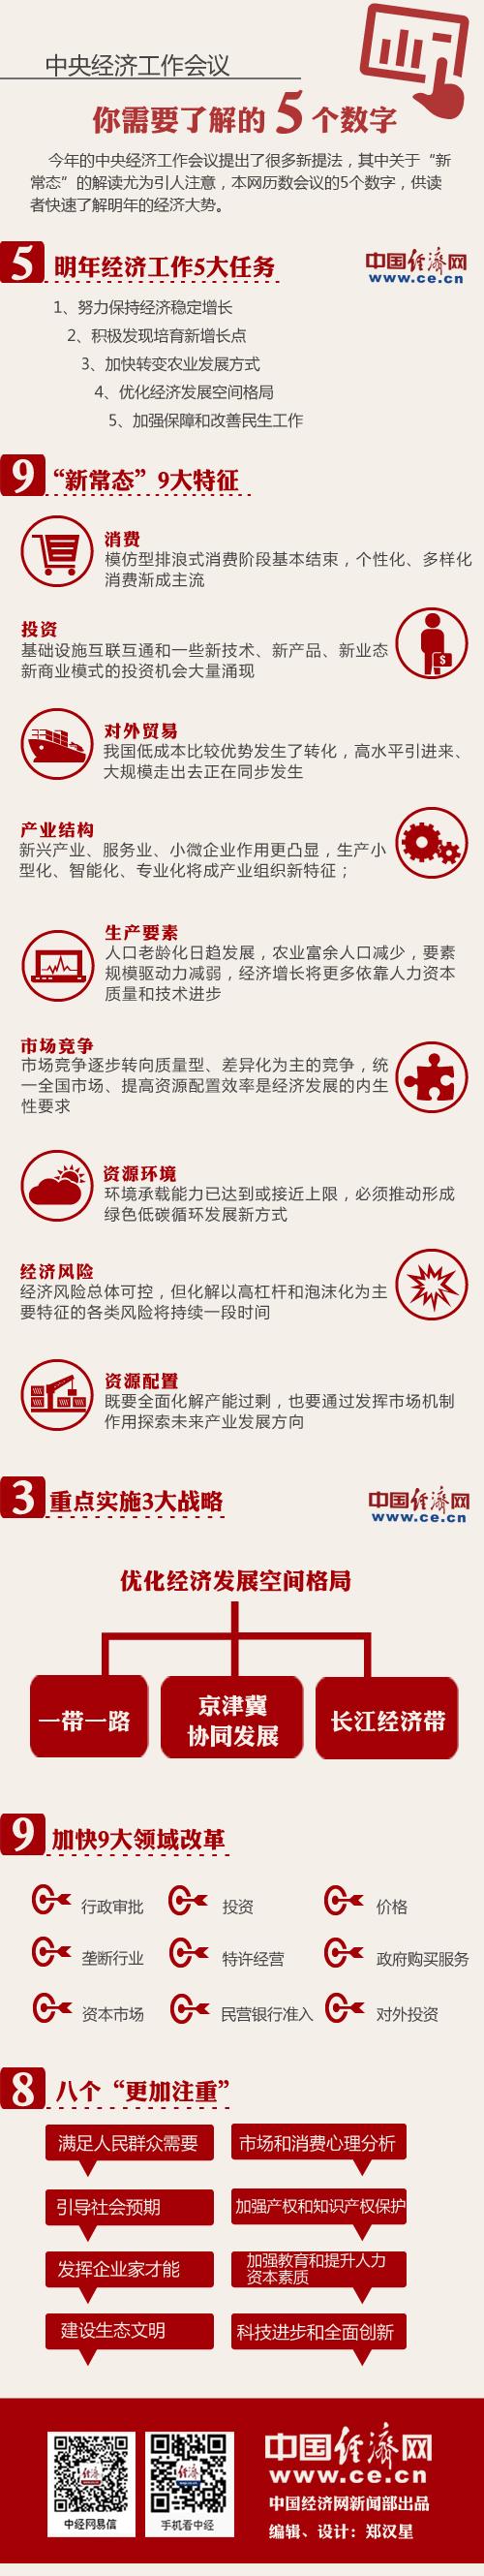 中国新常态 - Magazine cover